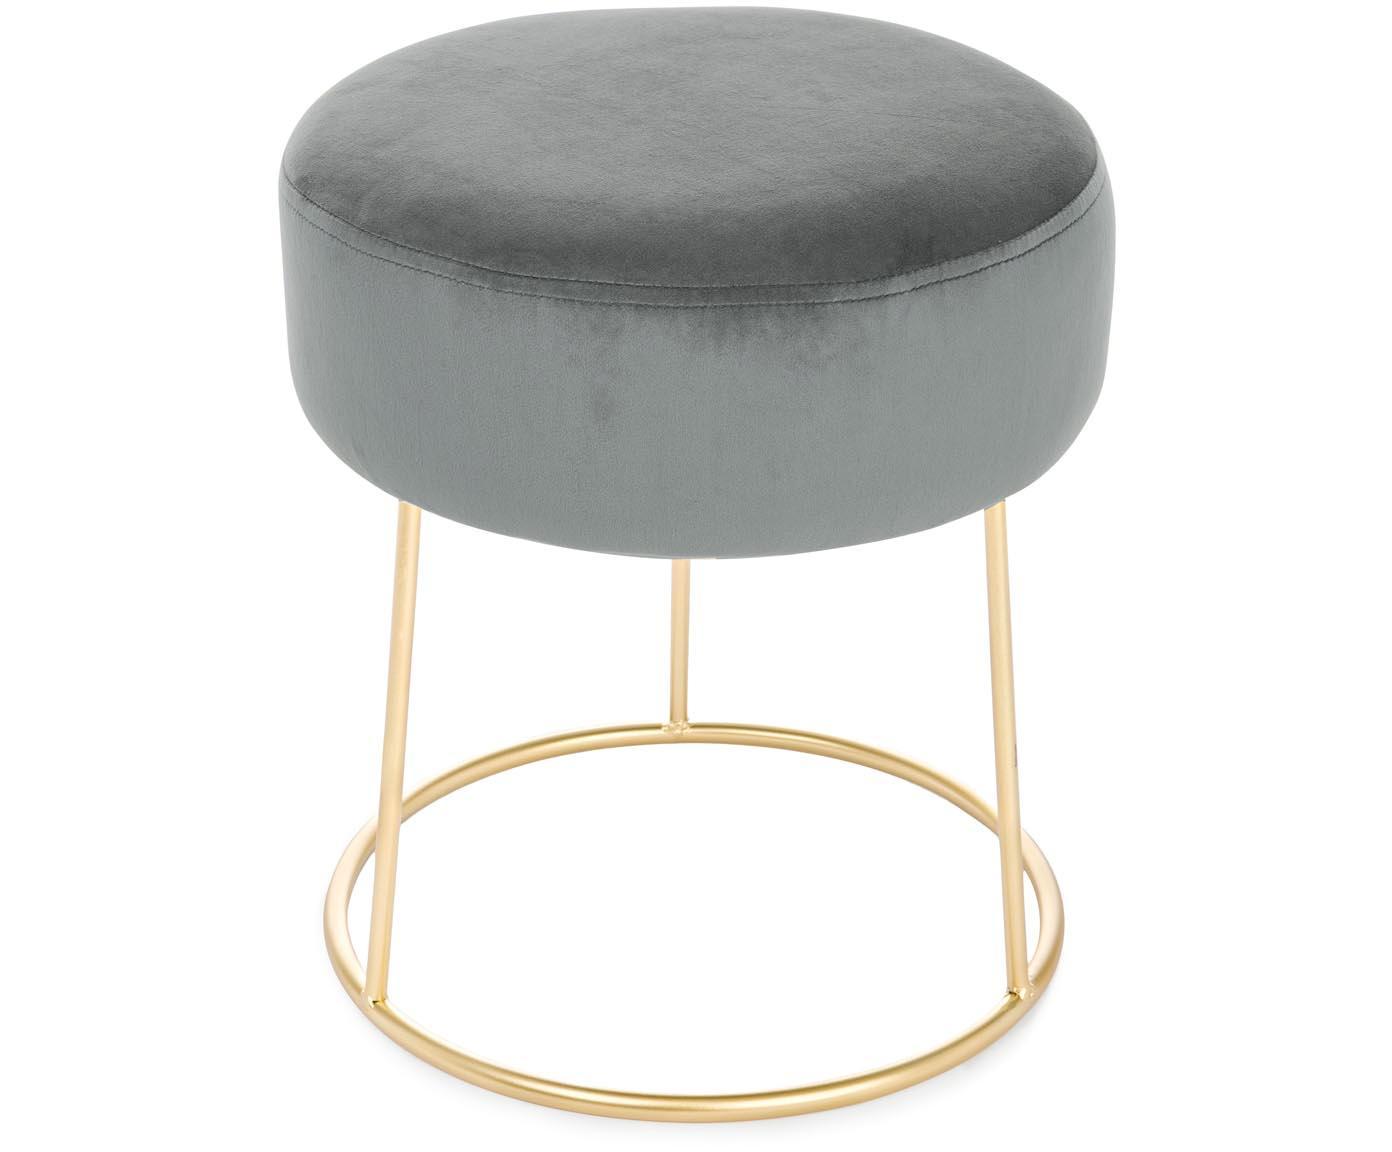 Runder Samt-Hocker Clarissa, Bezug: 100% Polyestersamt, Korpus: Mitteldichte Holzfaserpla, Bezug: GrauFuß: Goldfarben, Ø 35 x H 40 cm